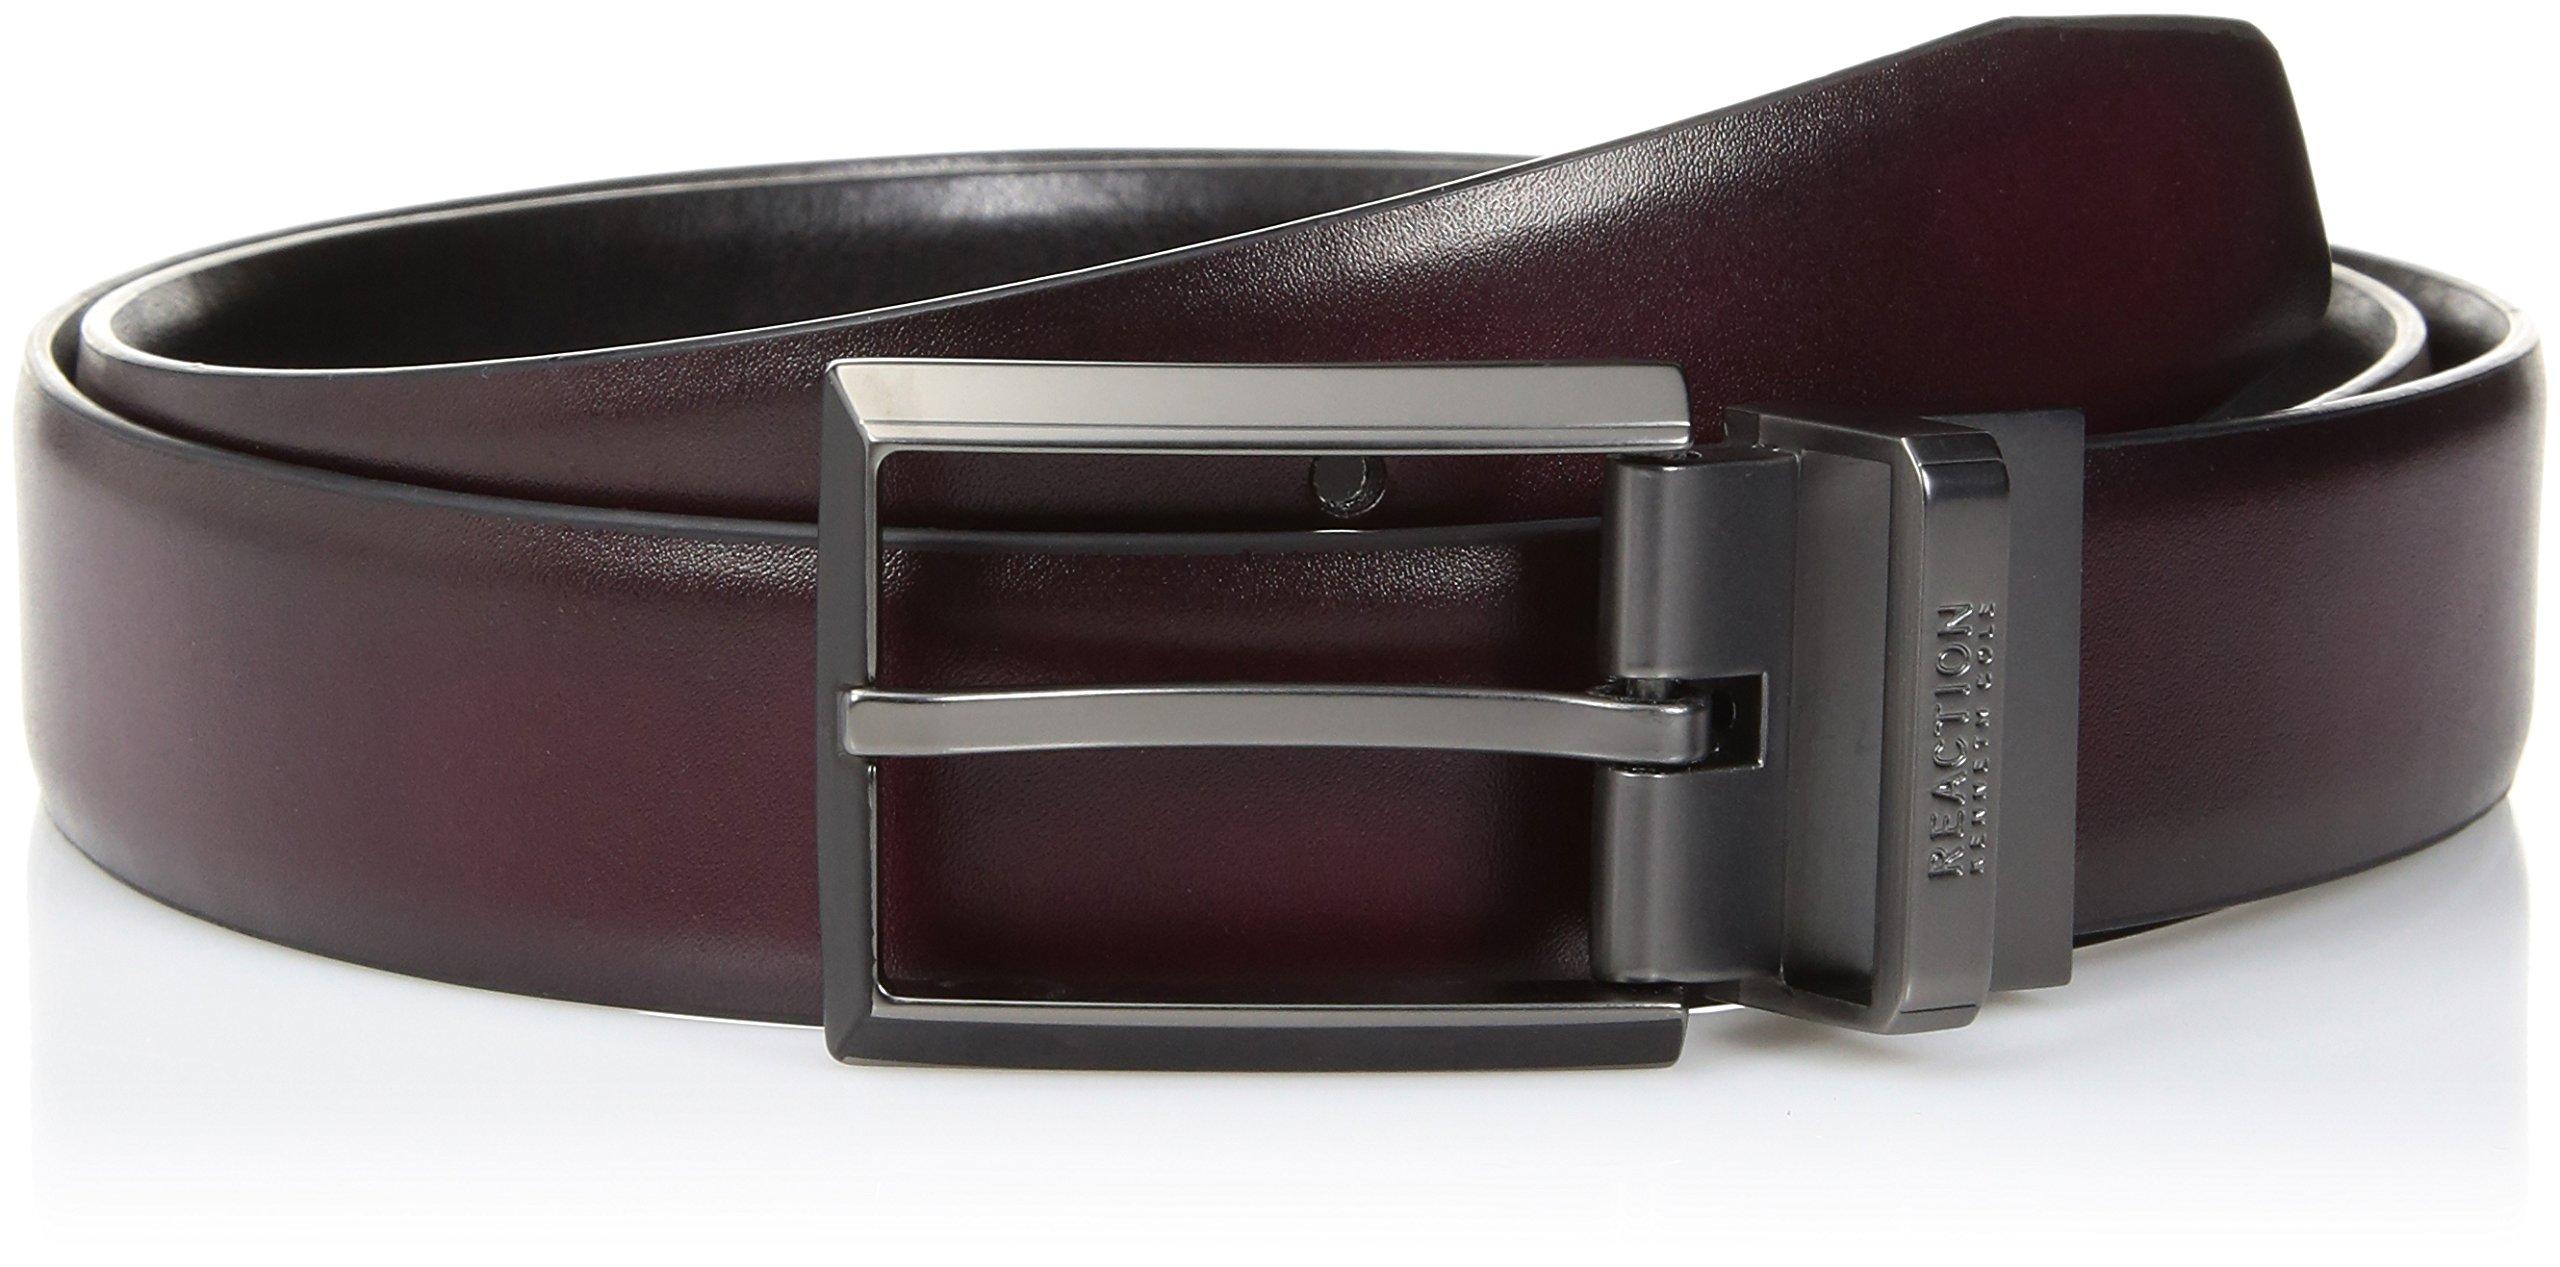 Kenneth Cole Men's Reversible Dress Belt, Burgundy/Black, 34